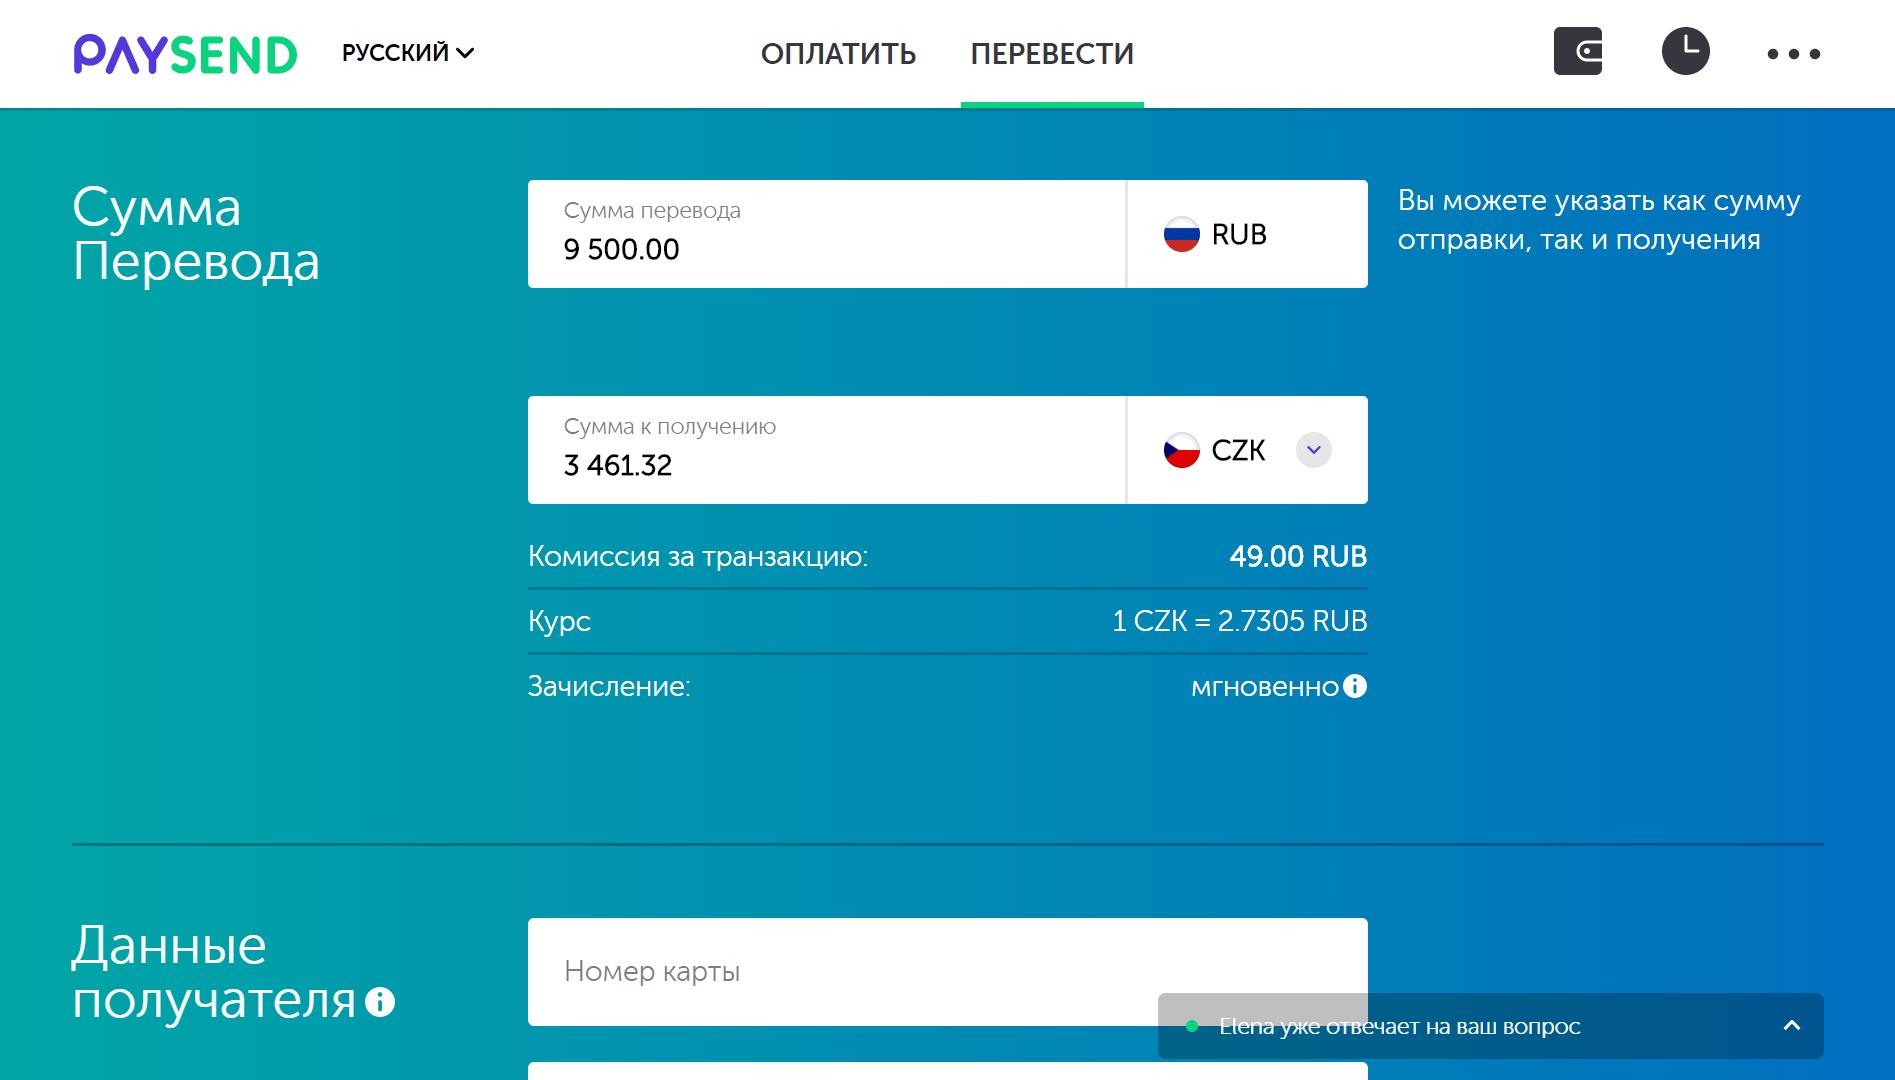 кредит в бельцах только с паспортом